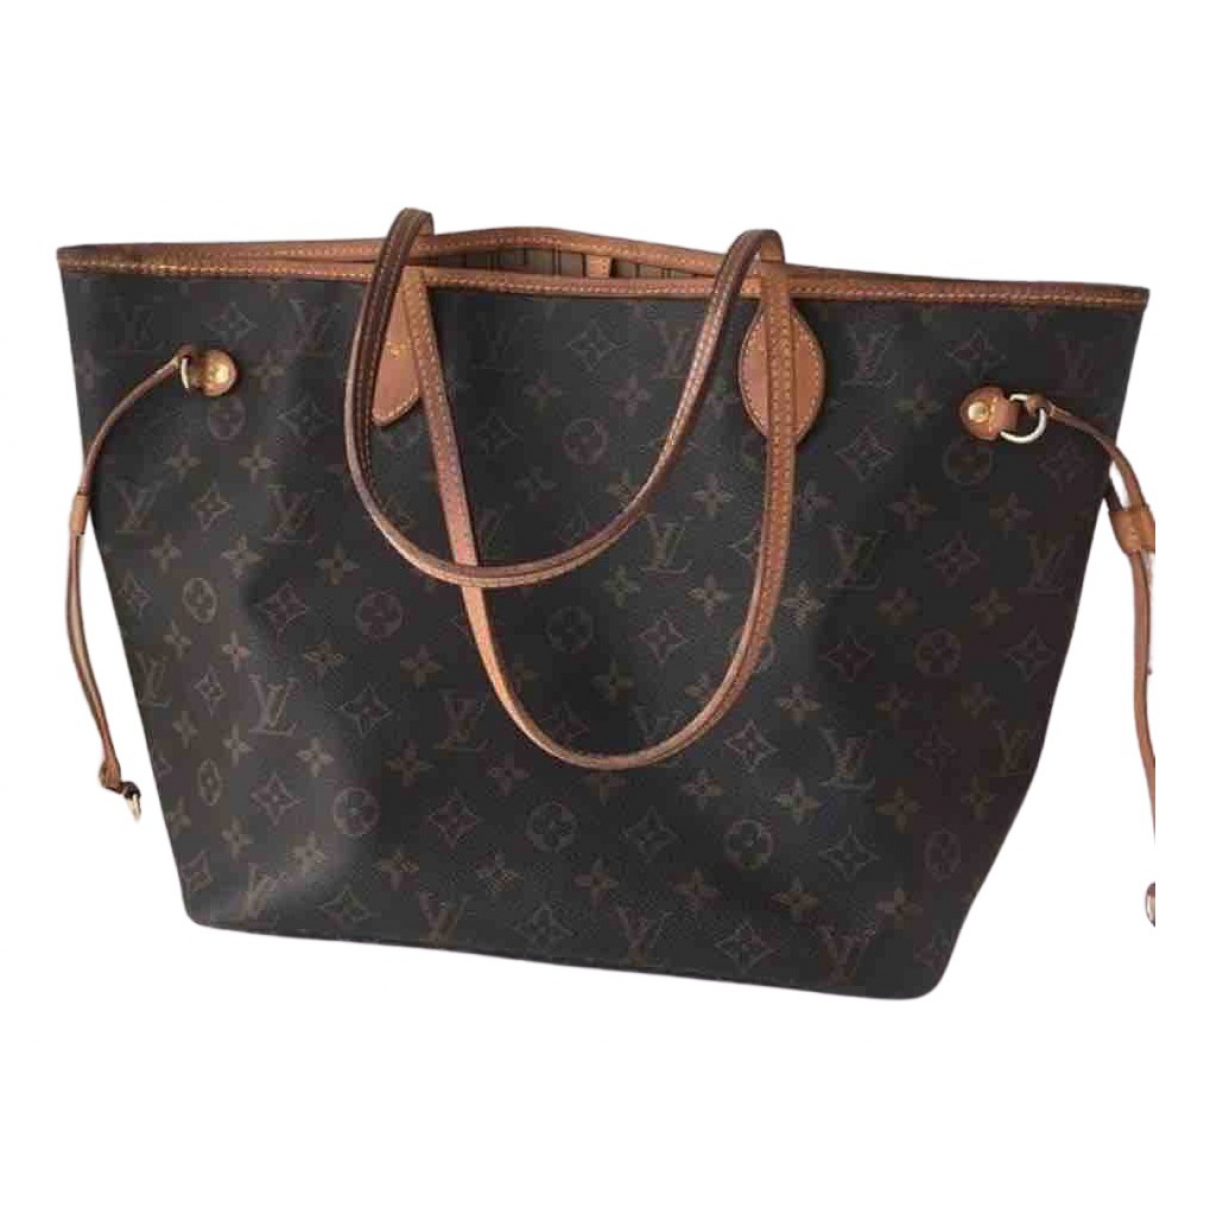 Louis Vuitton Neverfull Brown Cloth handbag for Women \N